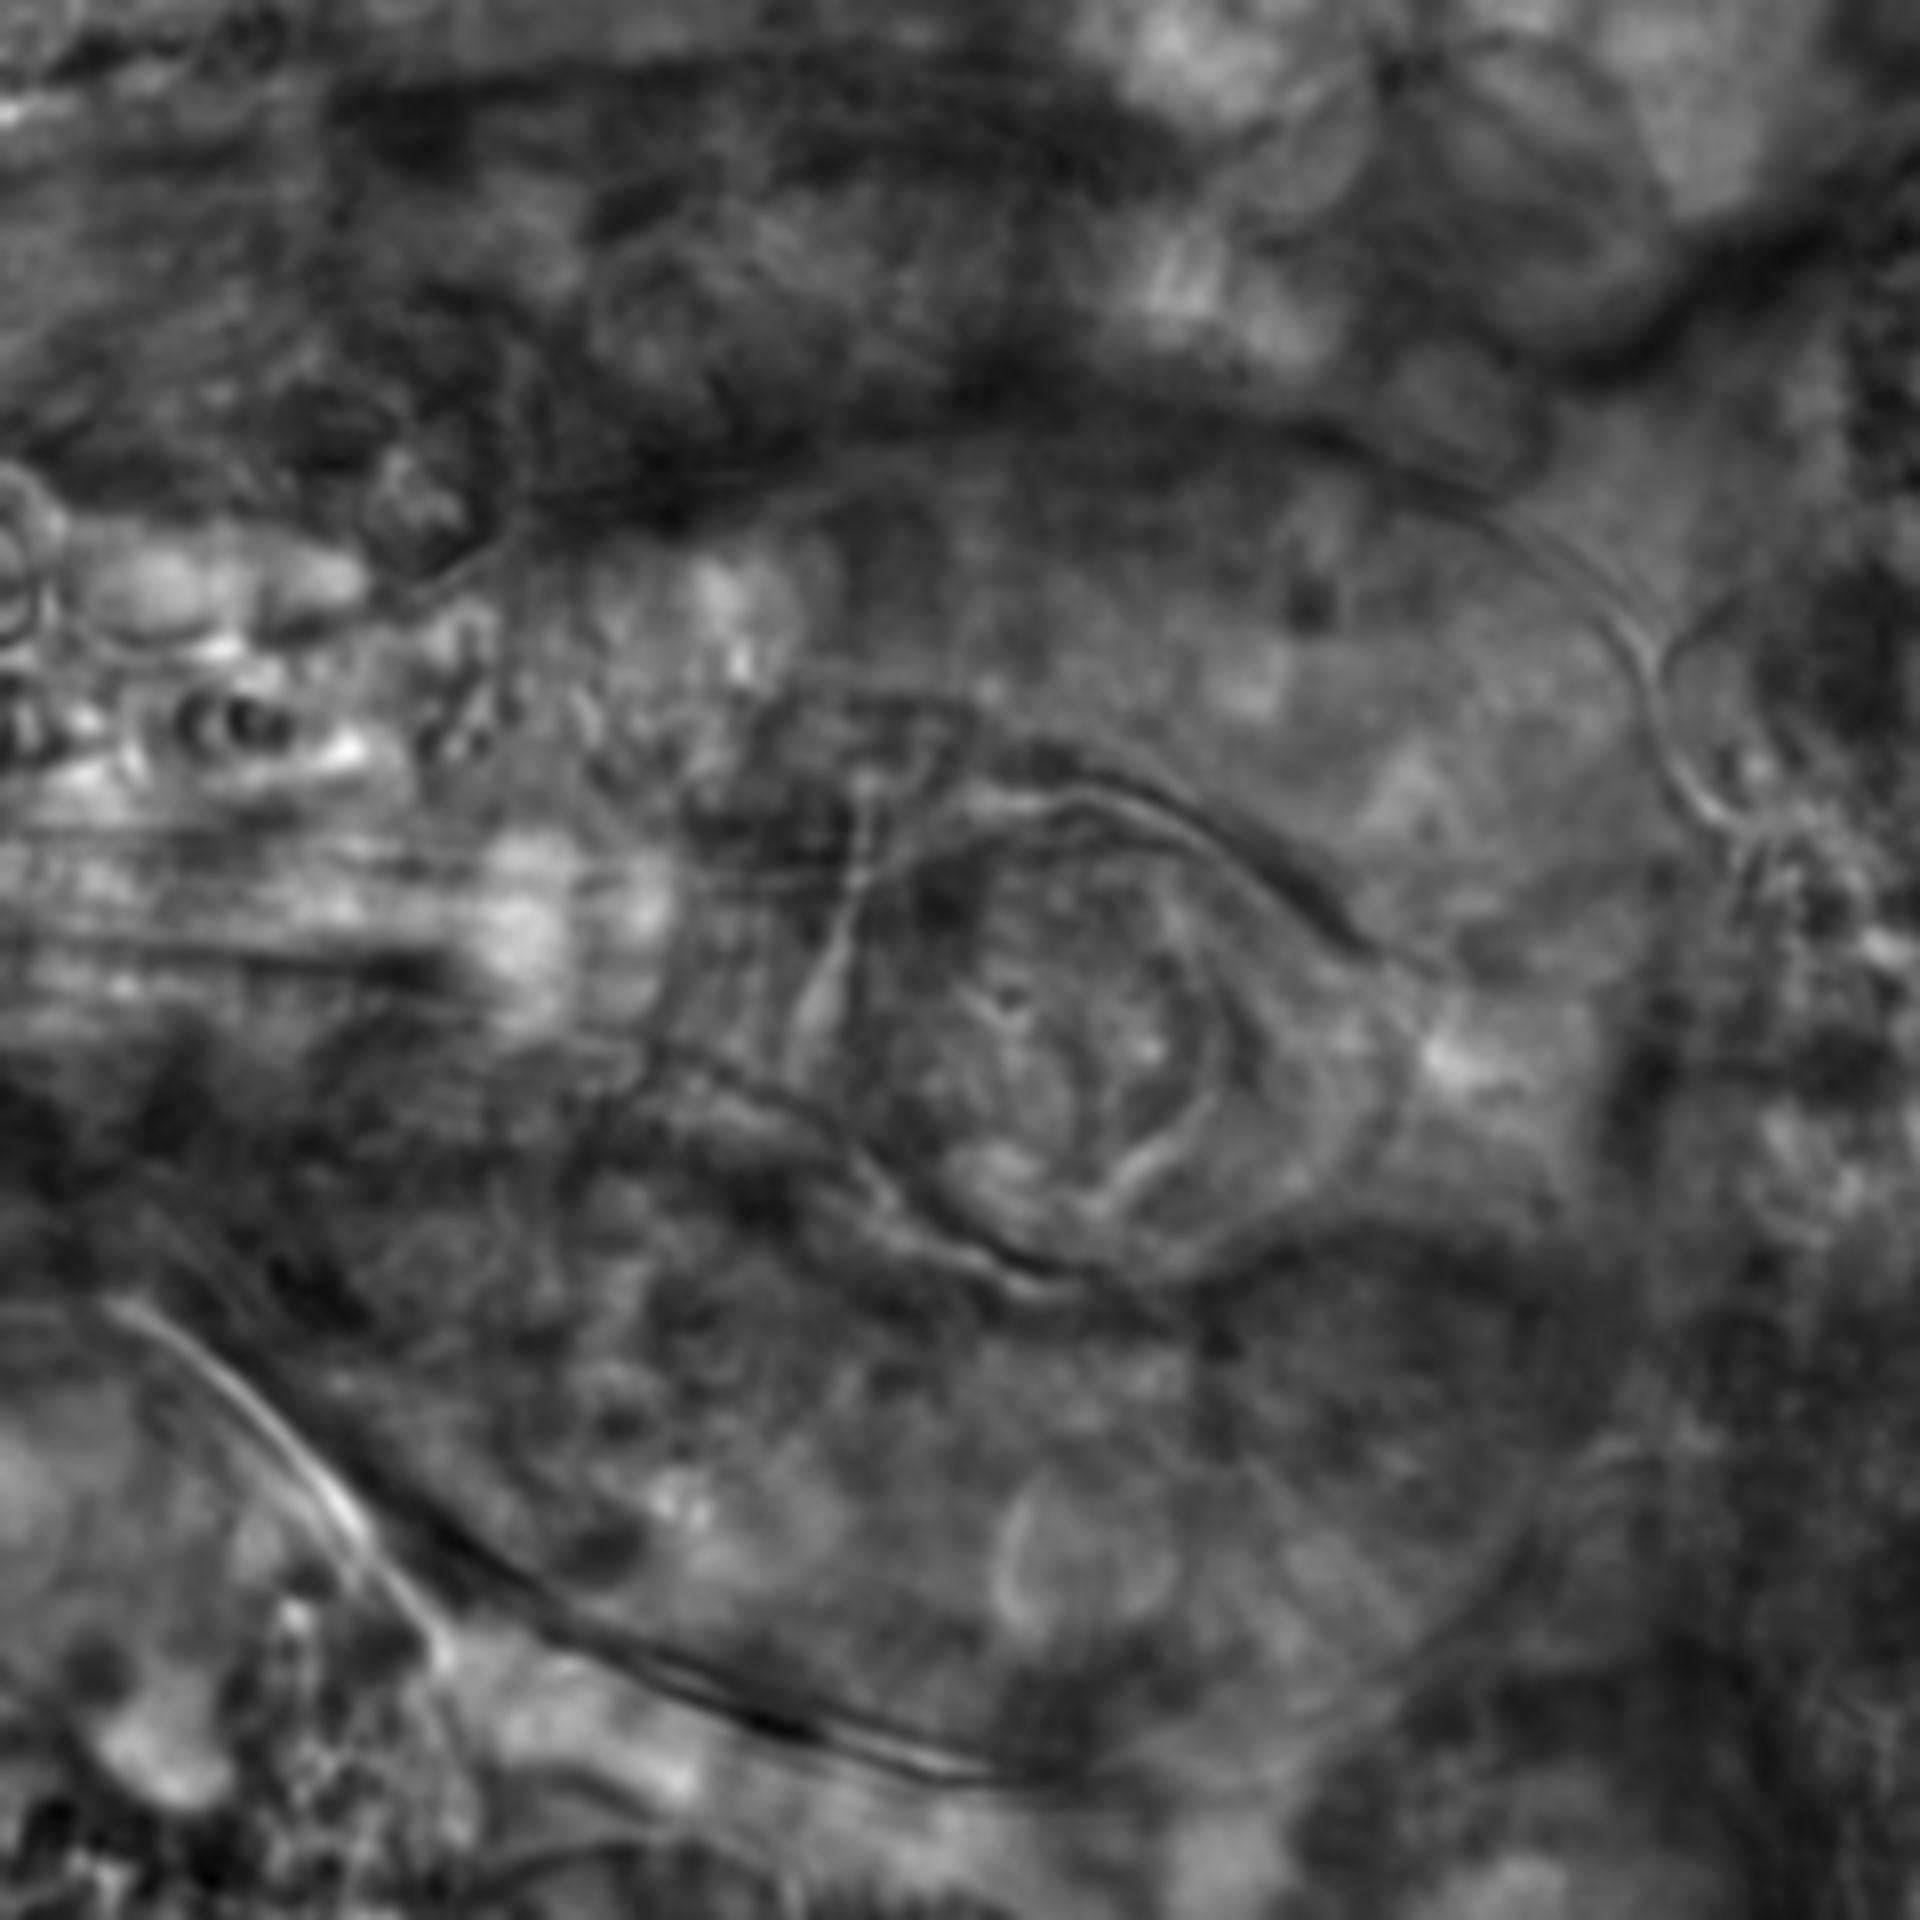 Caenorhabditis elegans - CIL:2746